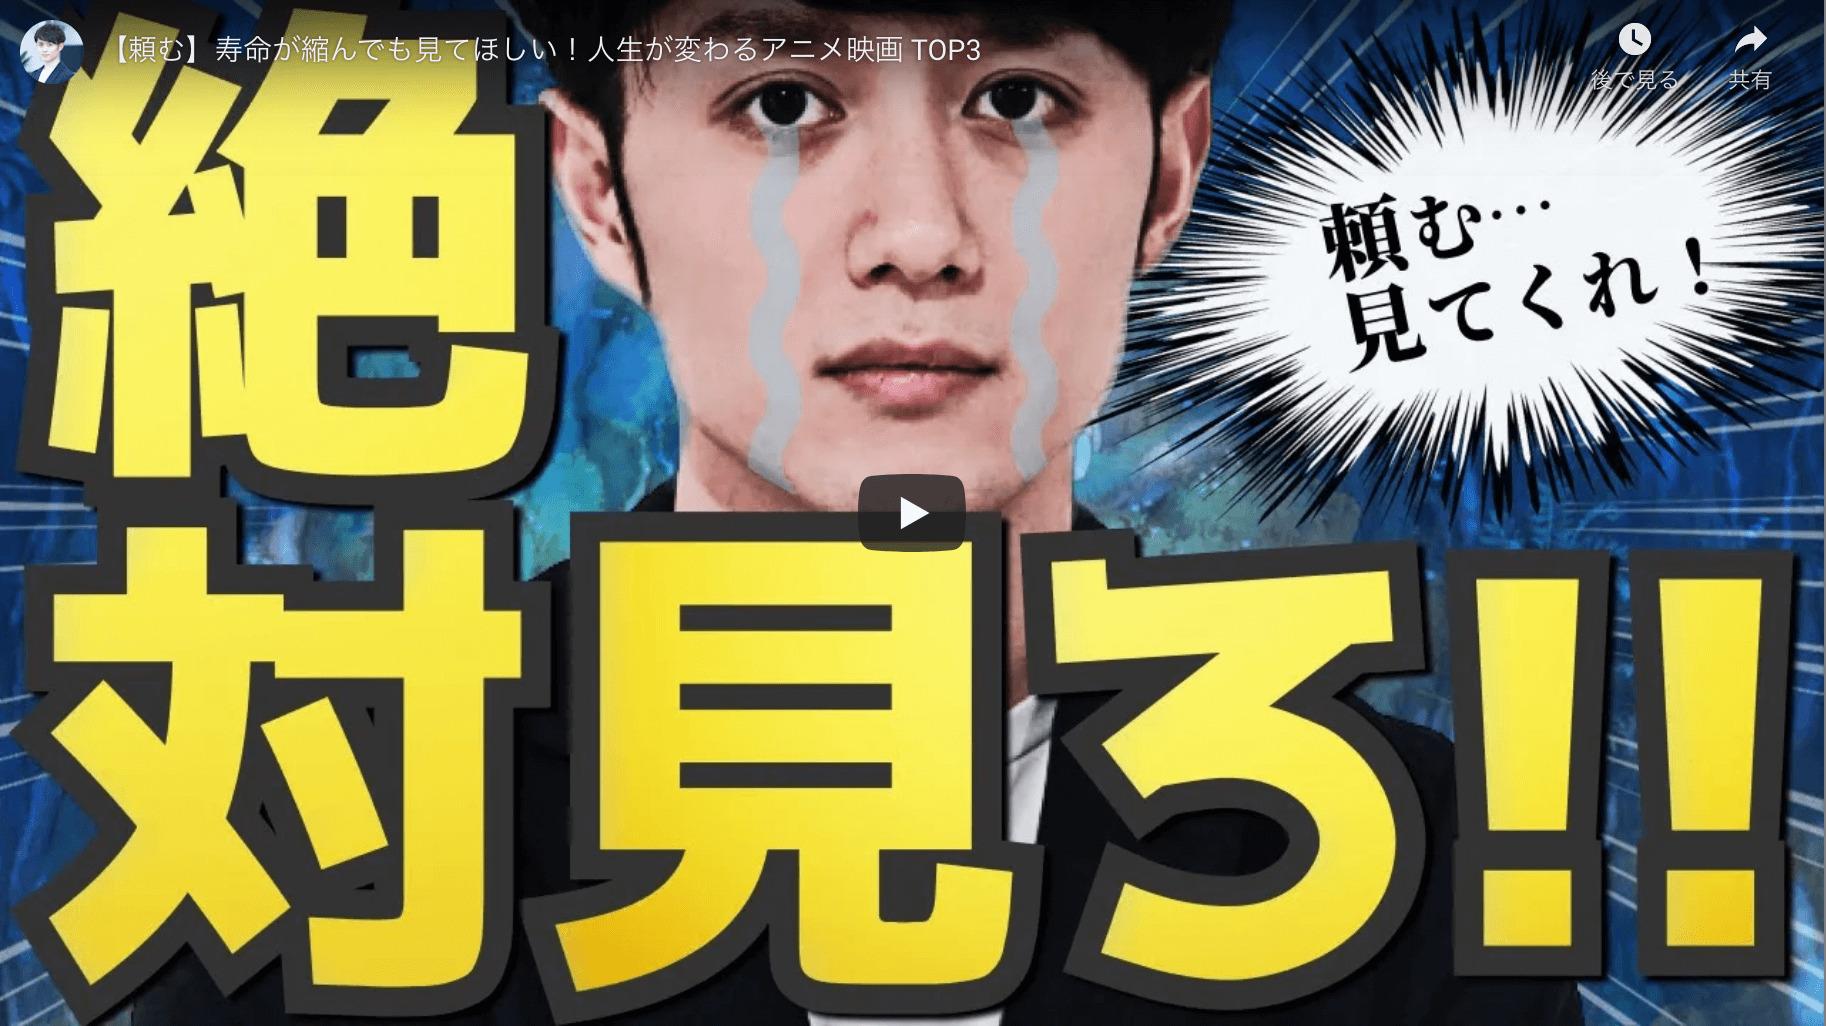 マコなり社長の『人生が変わるアニメ映画 TOP3 』を公開